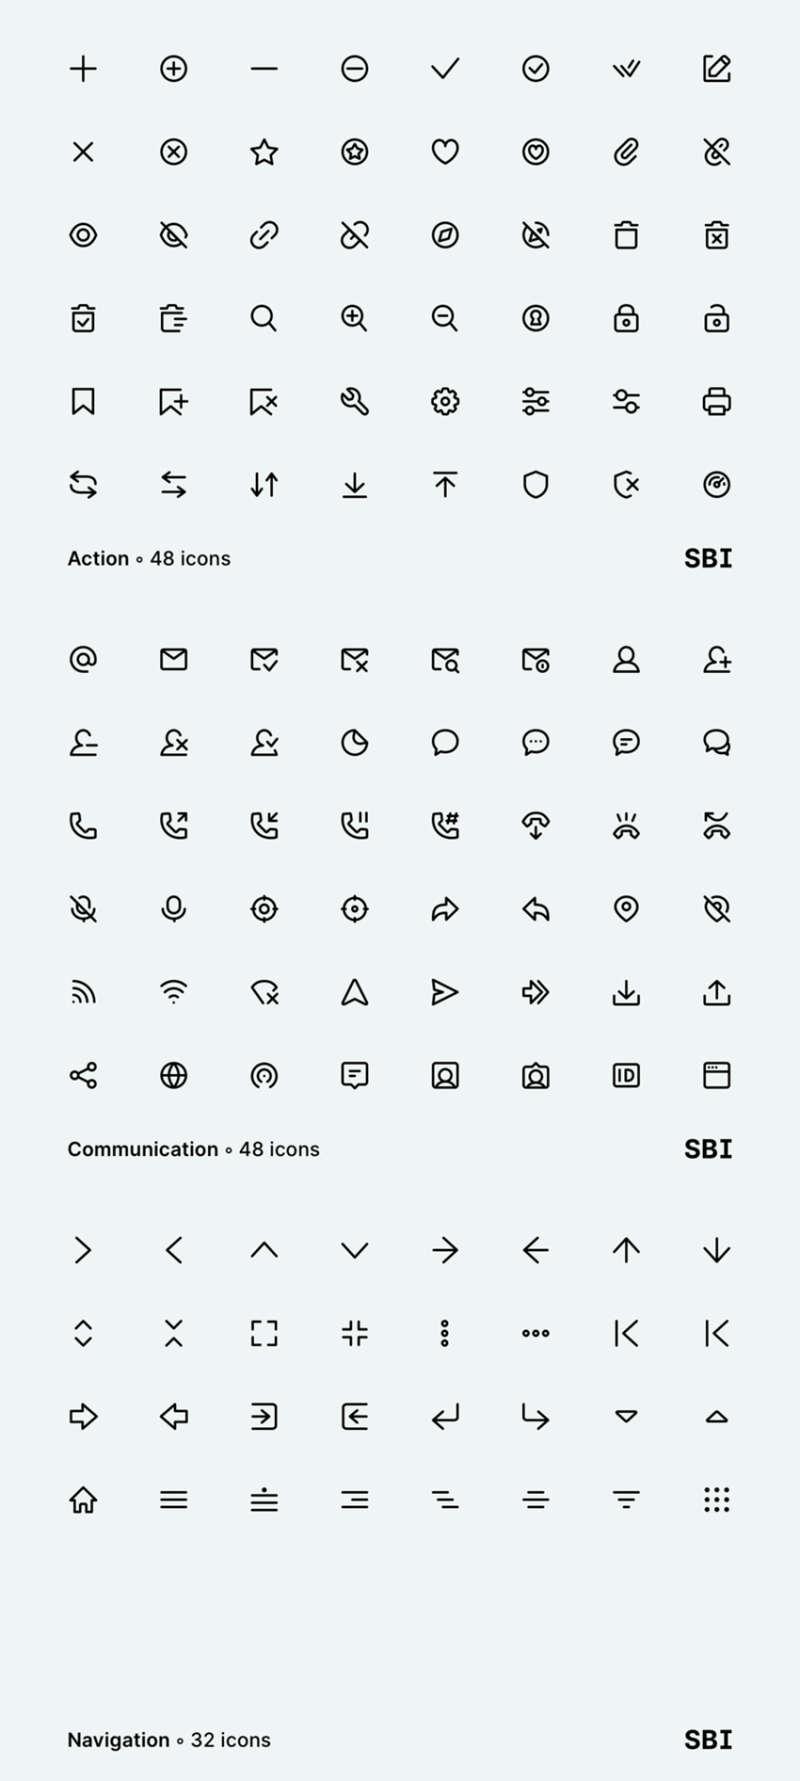 128 Super Basic Icons